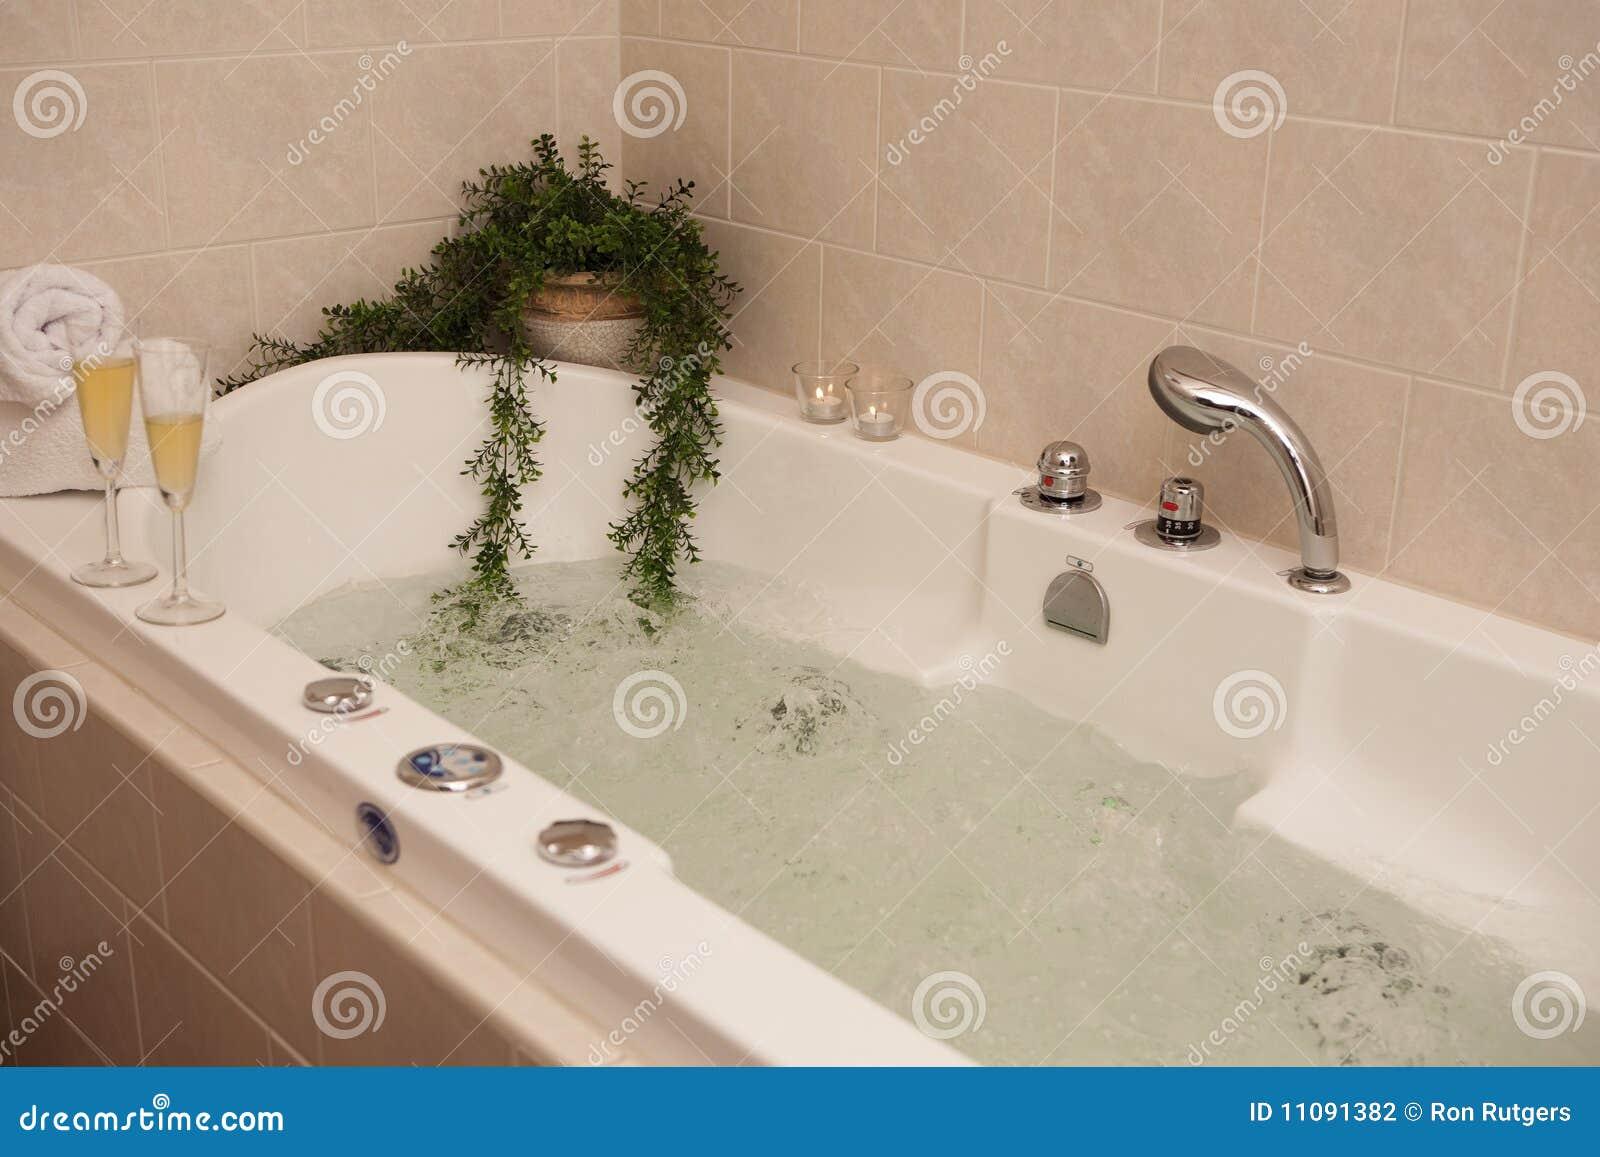 De badkuip van de luxe stock fotografie afbeelding 11091382 - Badkuip ontwerp ...